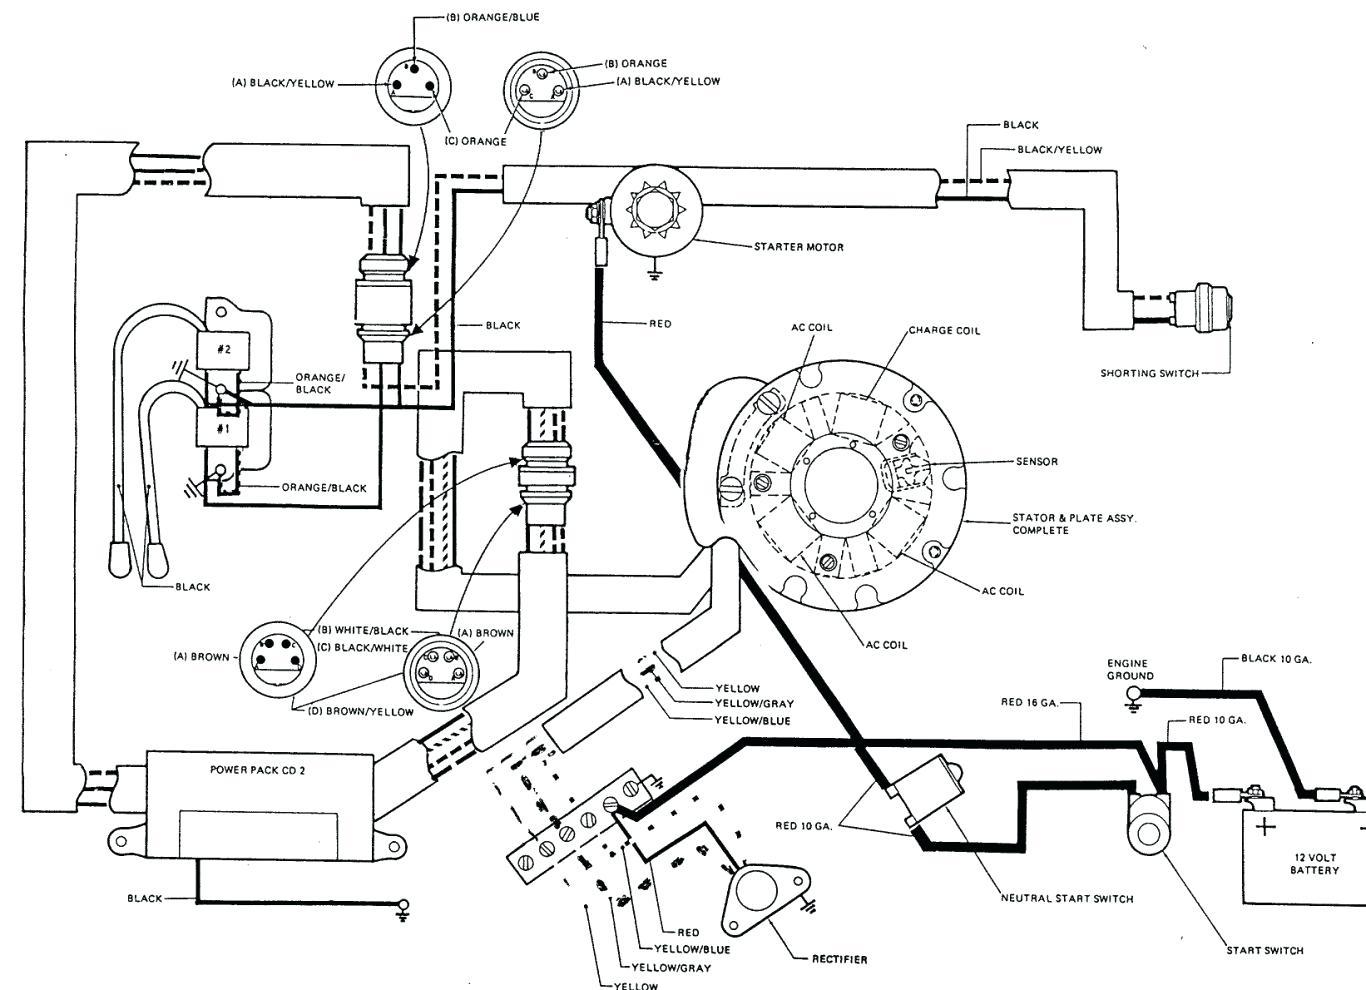 Wondrous Gm Choke Wiring Wiring Diagram Database Wiring Cloud Inklaidewilluminateatxorg